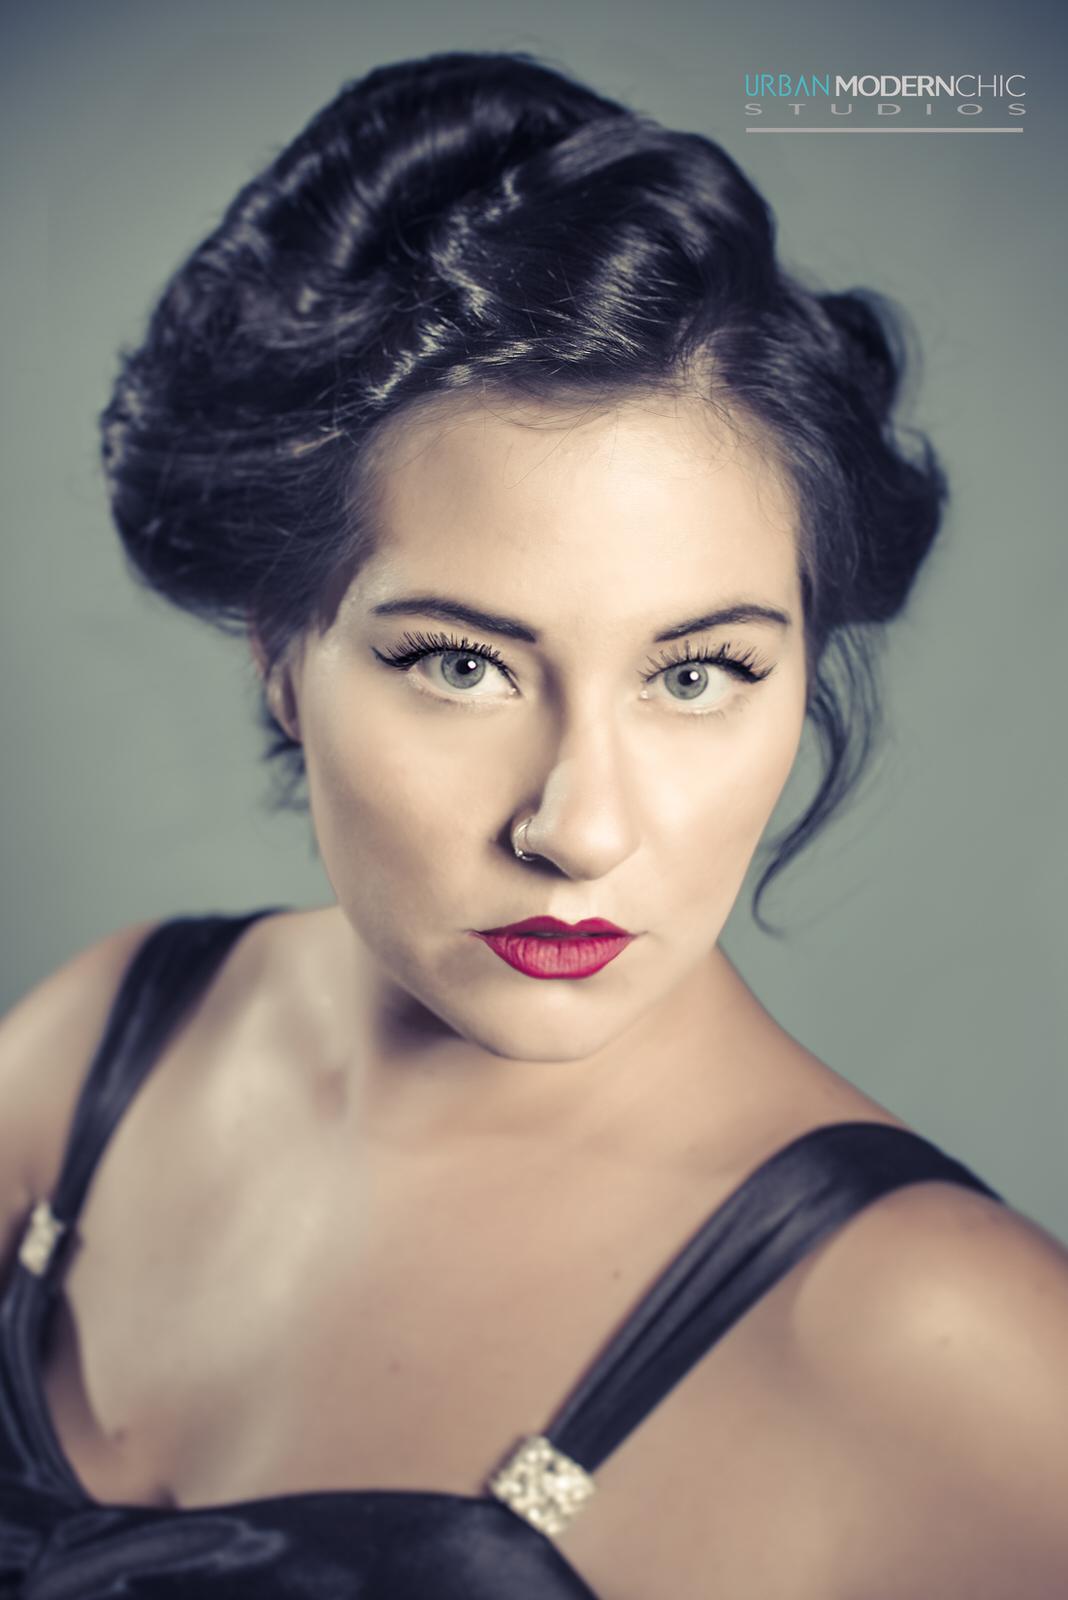 Ashley Stone Headshot - EP photography